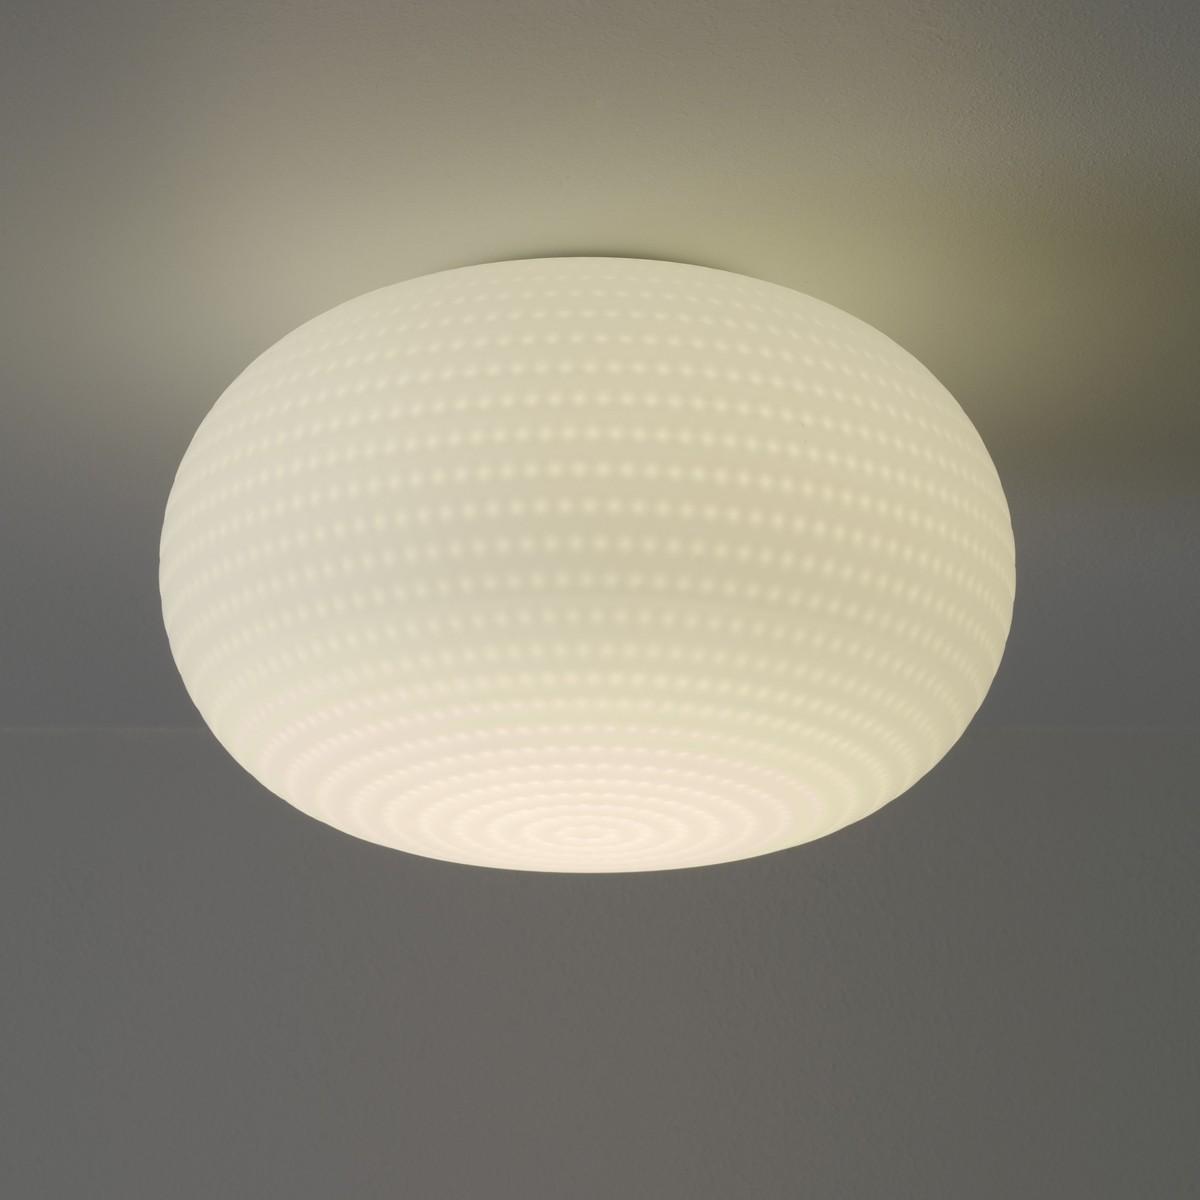 Fontana Arte Bianca LED Wand- / Deckenleuchte, Ø: 30 cm, weiß satiniert